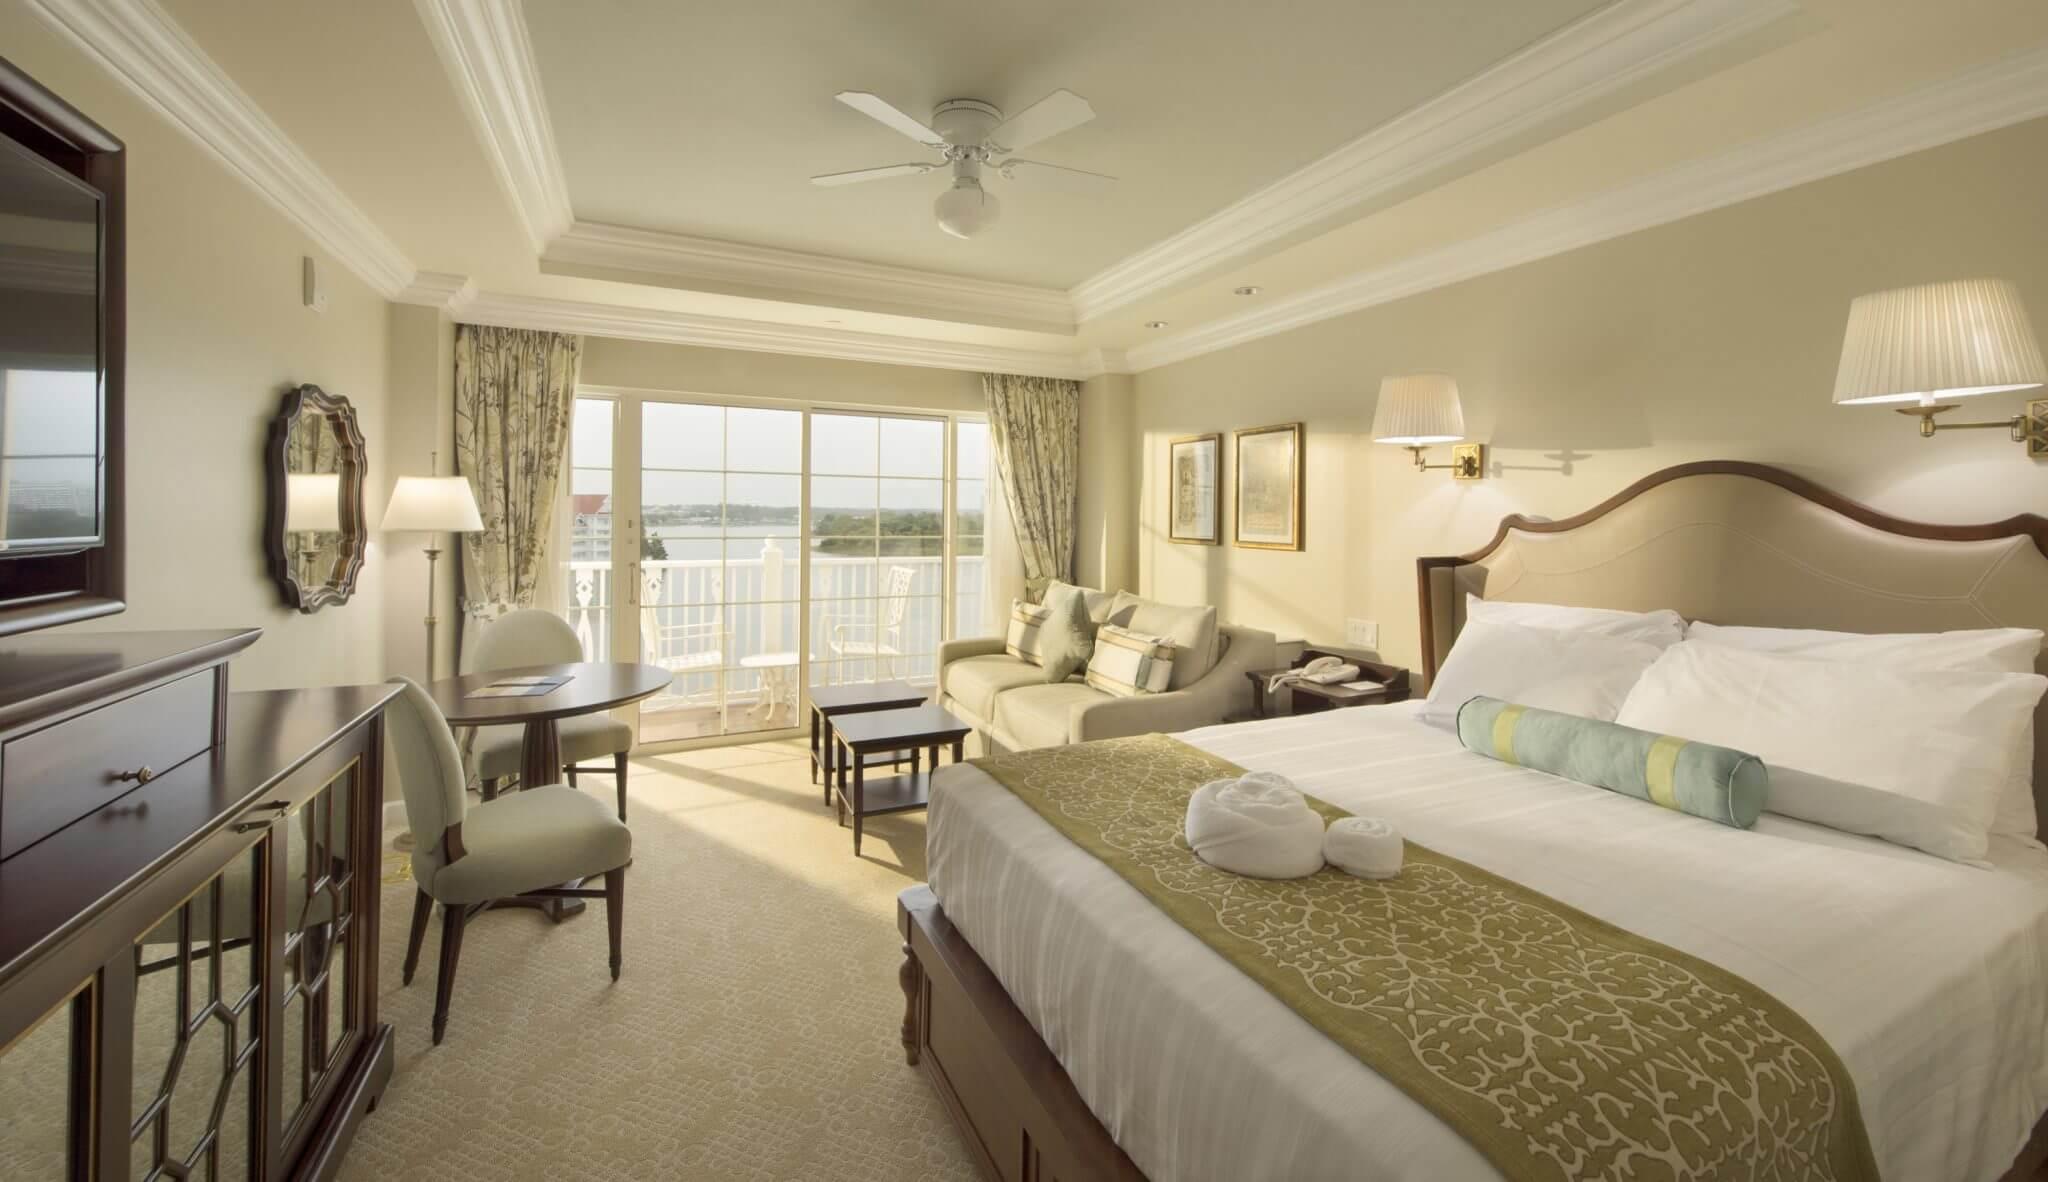 hotéis de luxo em Orlando Dicas da Disney e Orlando #837248 2048x1182 Banheiro De Hotel De Luxo